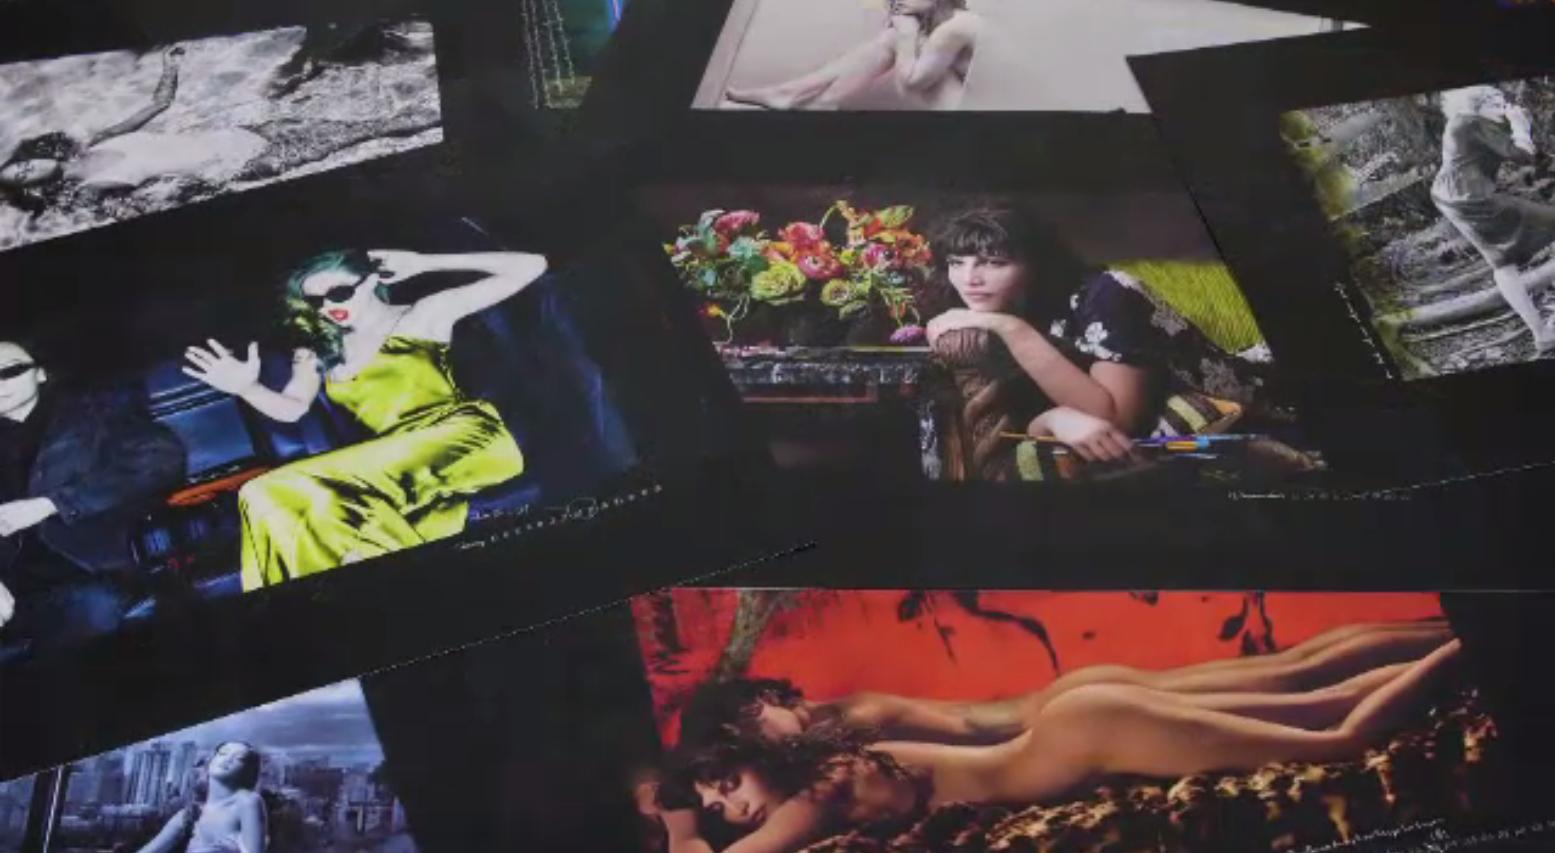 Noua ediție a calendarului Pirelli a fost lansată la Milano. Letizia Casta și Gigi Hadid, în distribuție